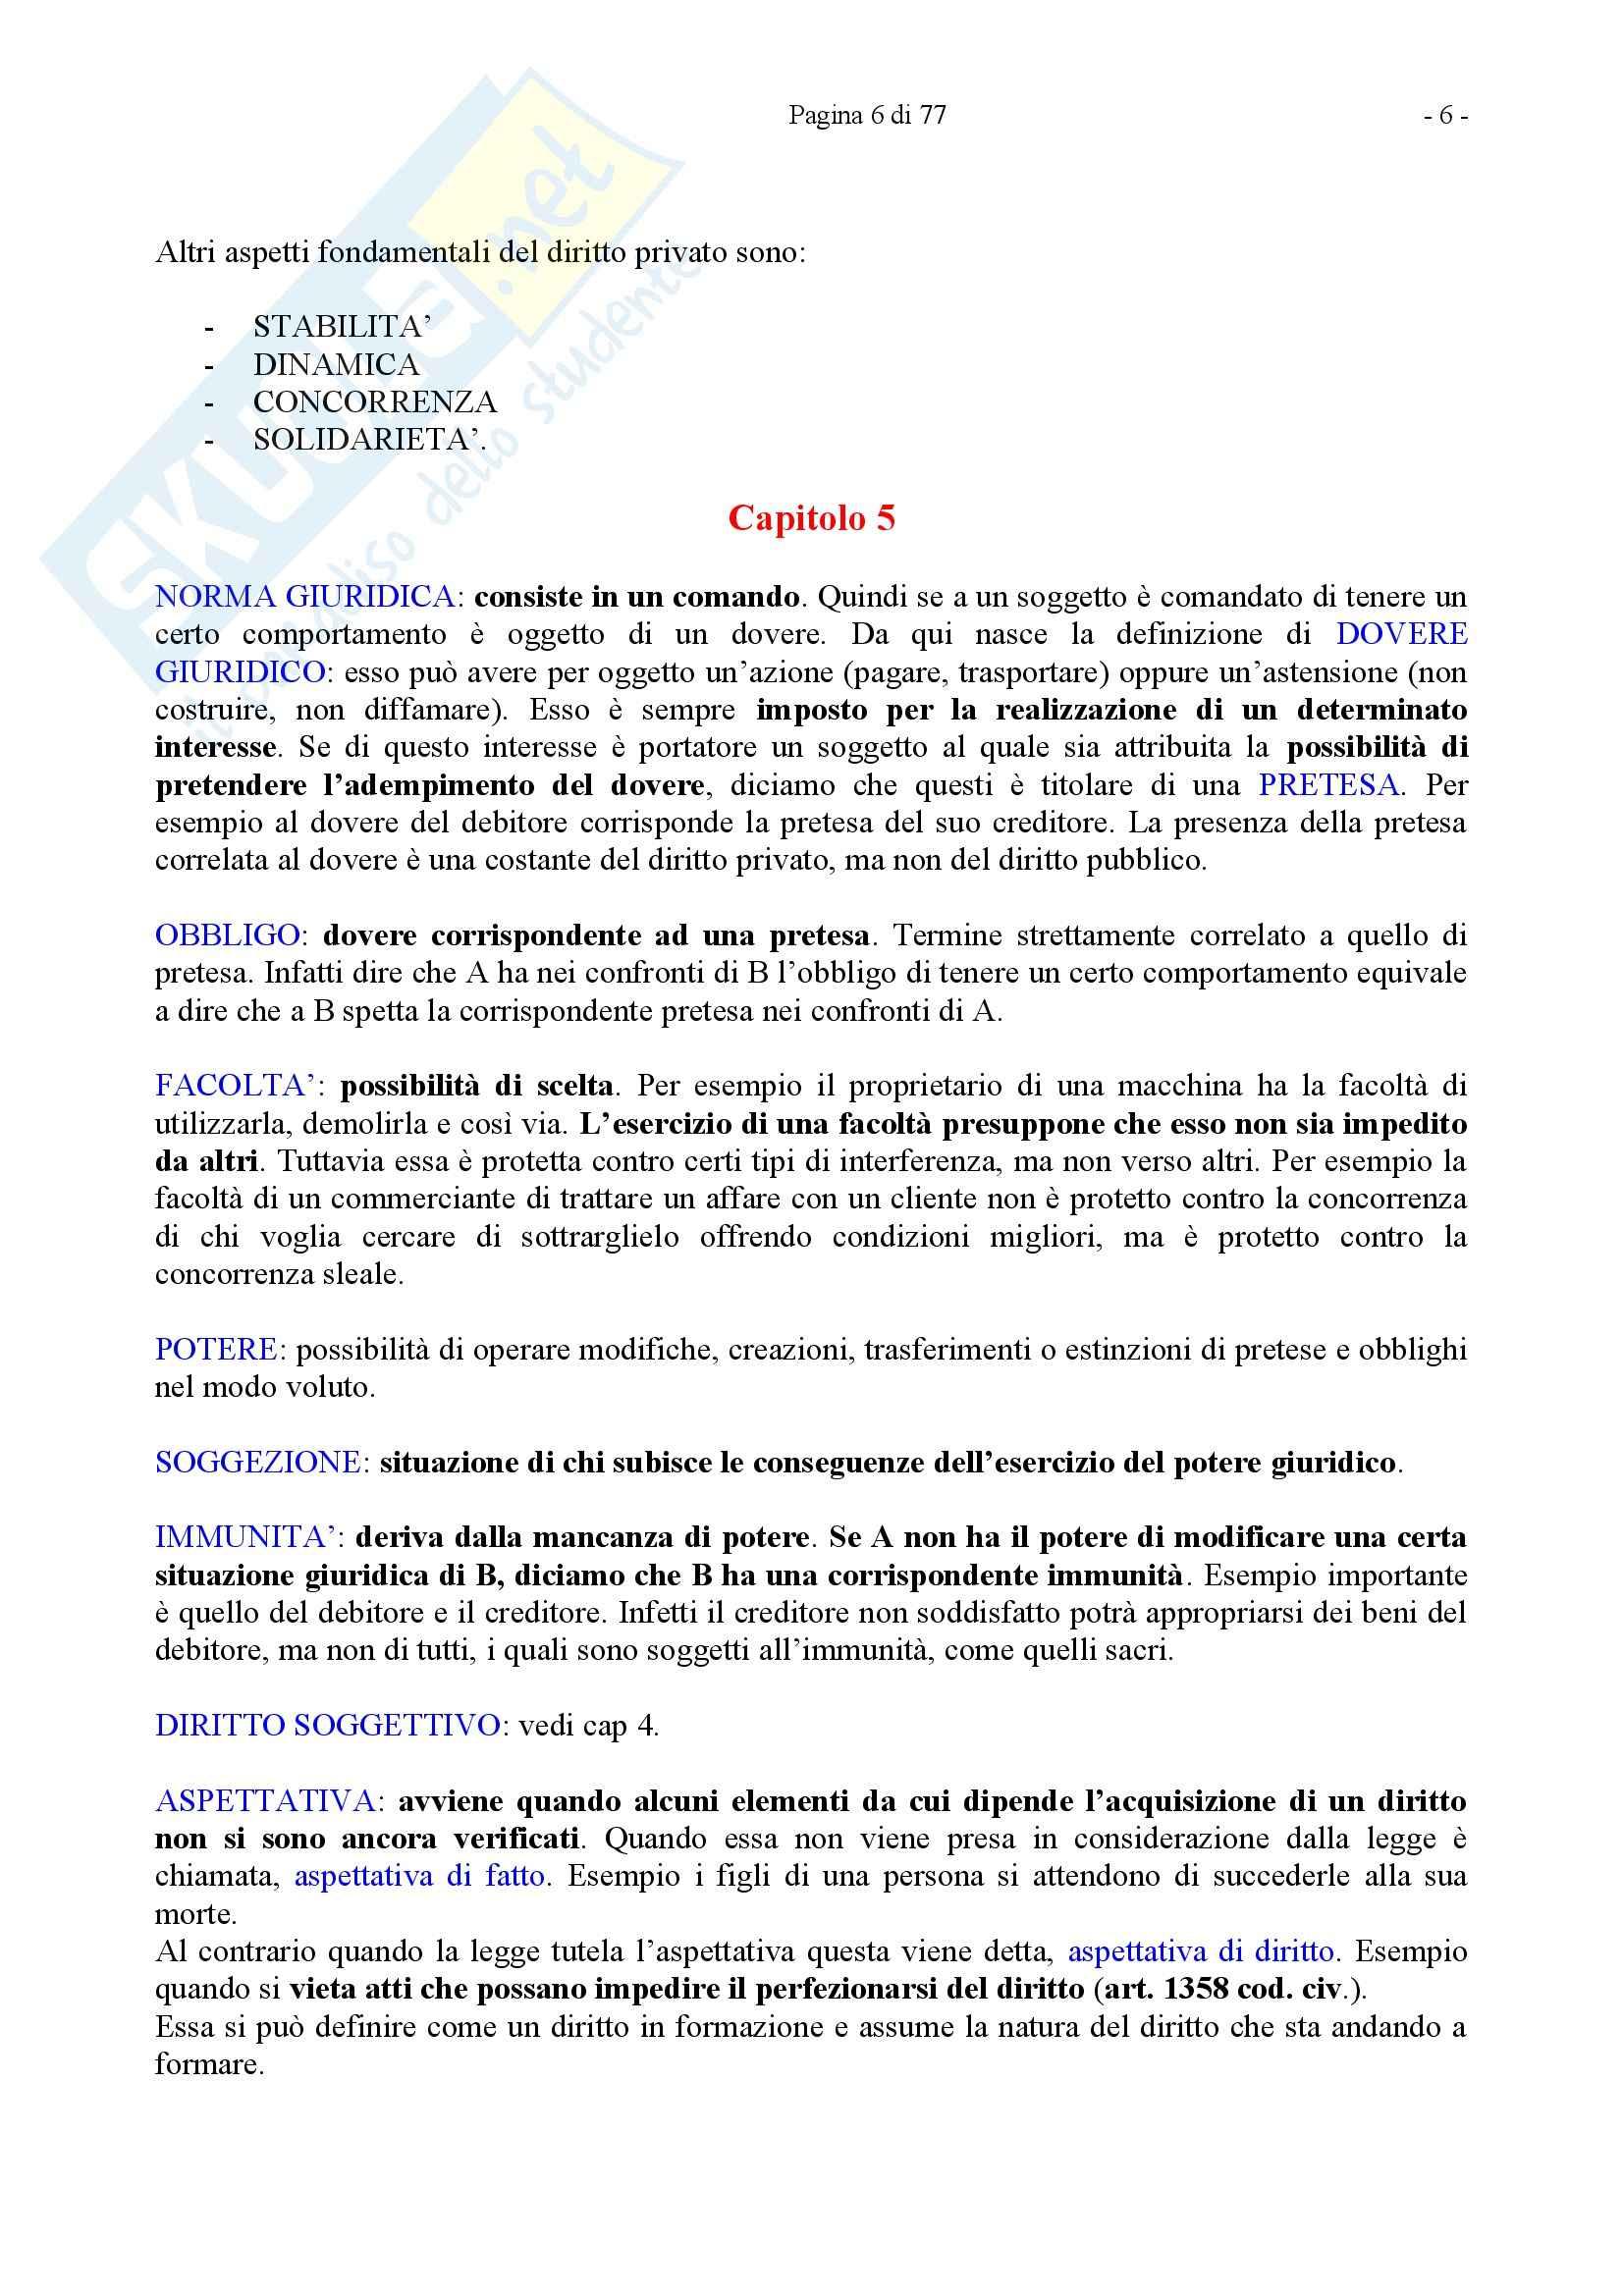 Riassunto esame Diritto Privato, prof. Caricato, libro consigliato Diritto Privato, Trimarchi Pag. 6